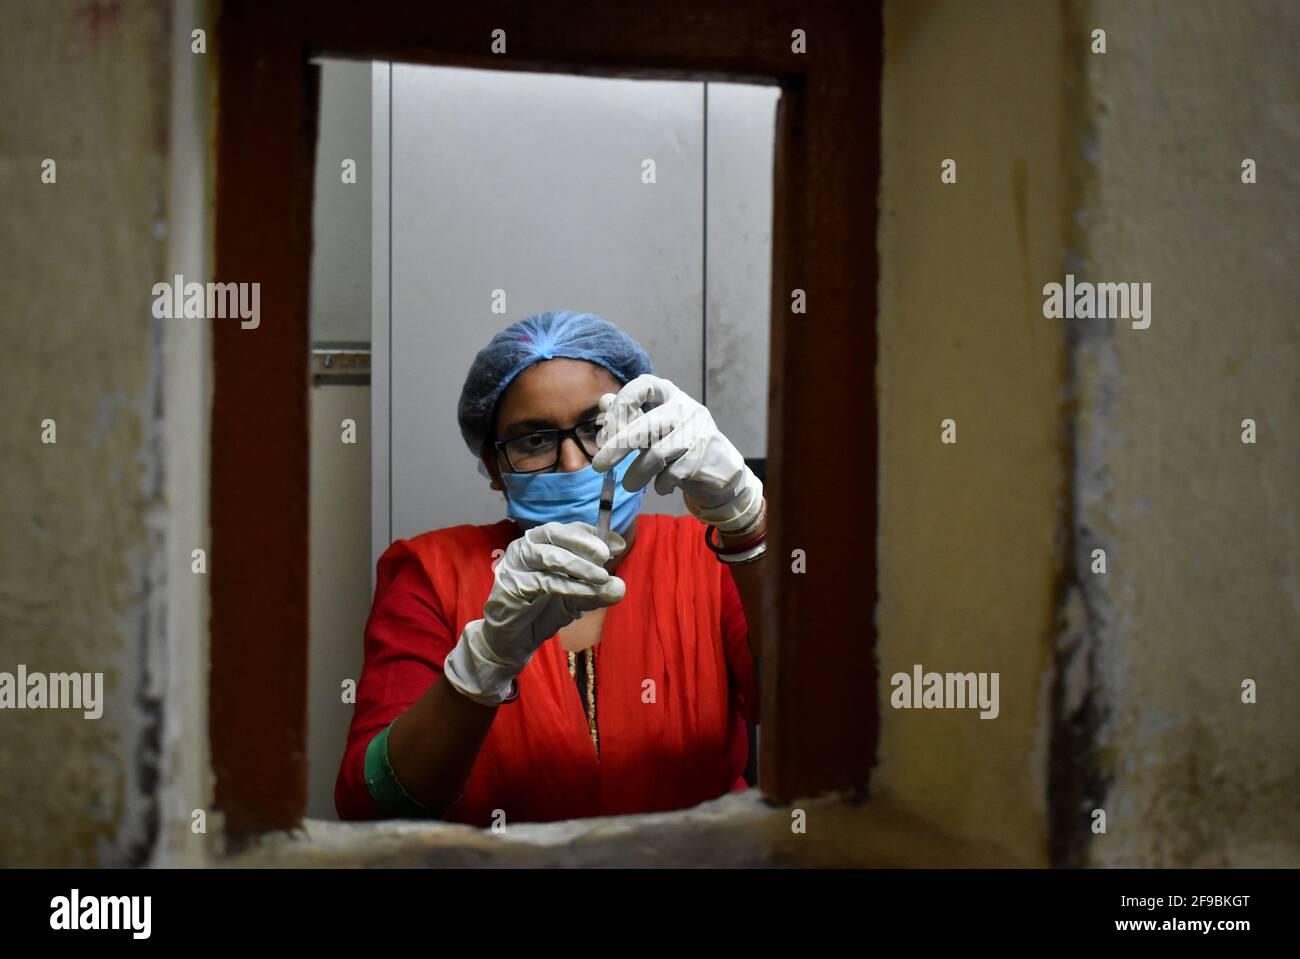 Kolkata, Inde. 17 avril 2021. Un agent de santé prépare un vaccin contre le COVAXIN dans un camp de vaccination dans le centre de santé du gouvernement de l'État du Bengale occidental à Kolkata. (Photo de Sudipta Das/Pacific Press) crédit: Pacific Press Media production Corp./Alay Live News Banque D'Images